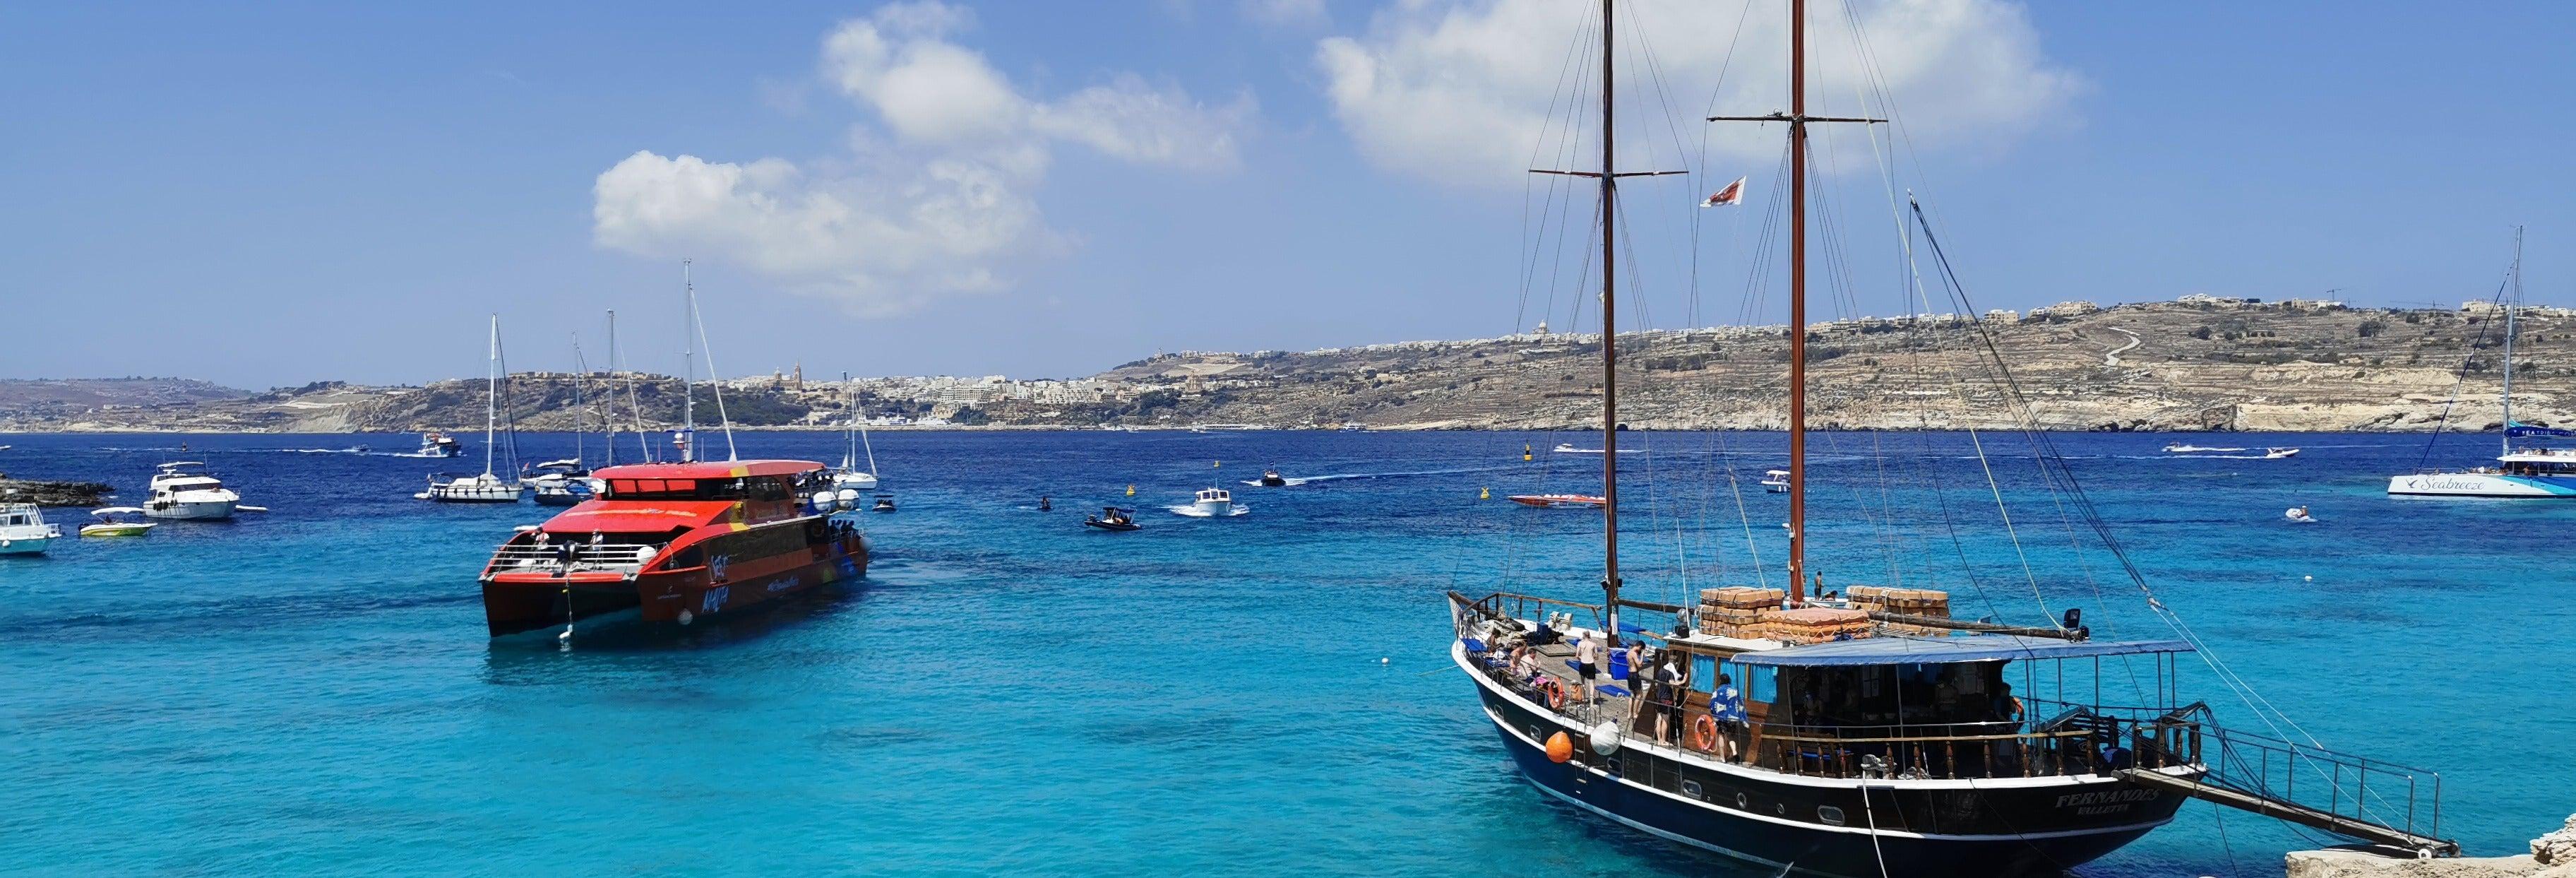 Excursión a Gozo y Comino desde Sliema